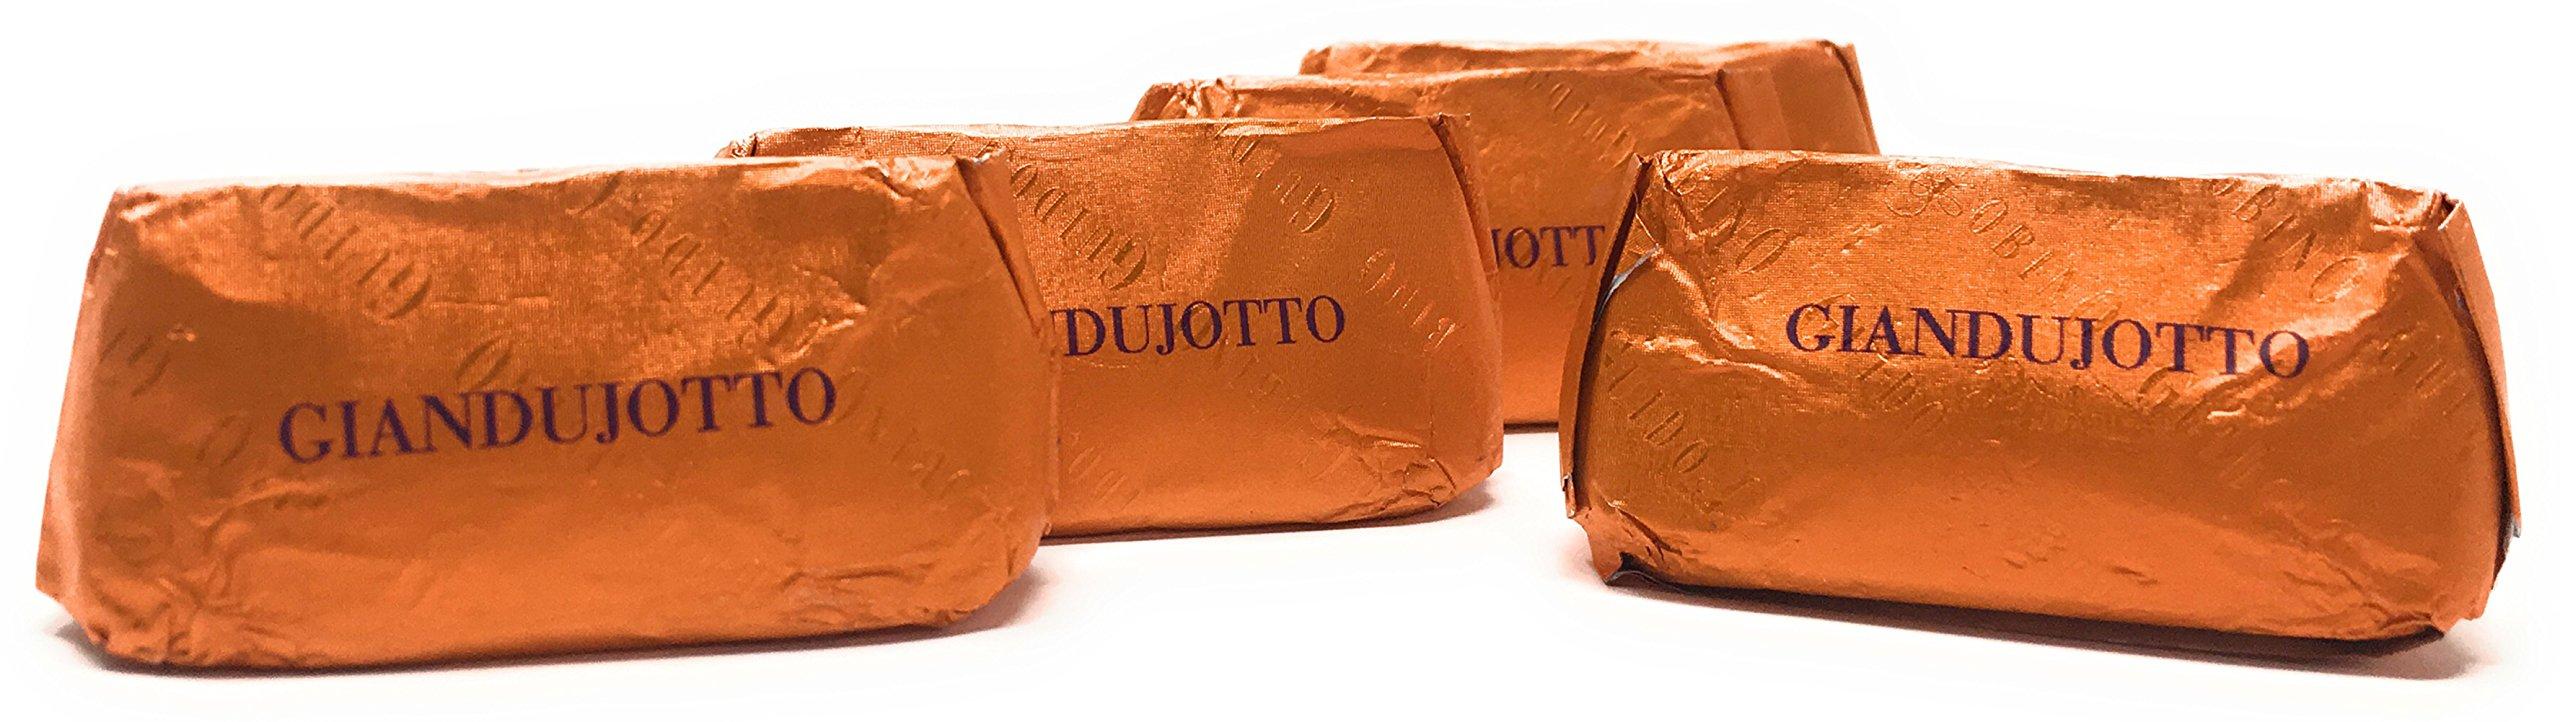 Guido Gobino Gianduiotto Chocolate from Italy, 25 pieces by Guido Gobino